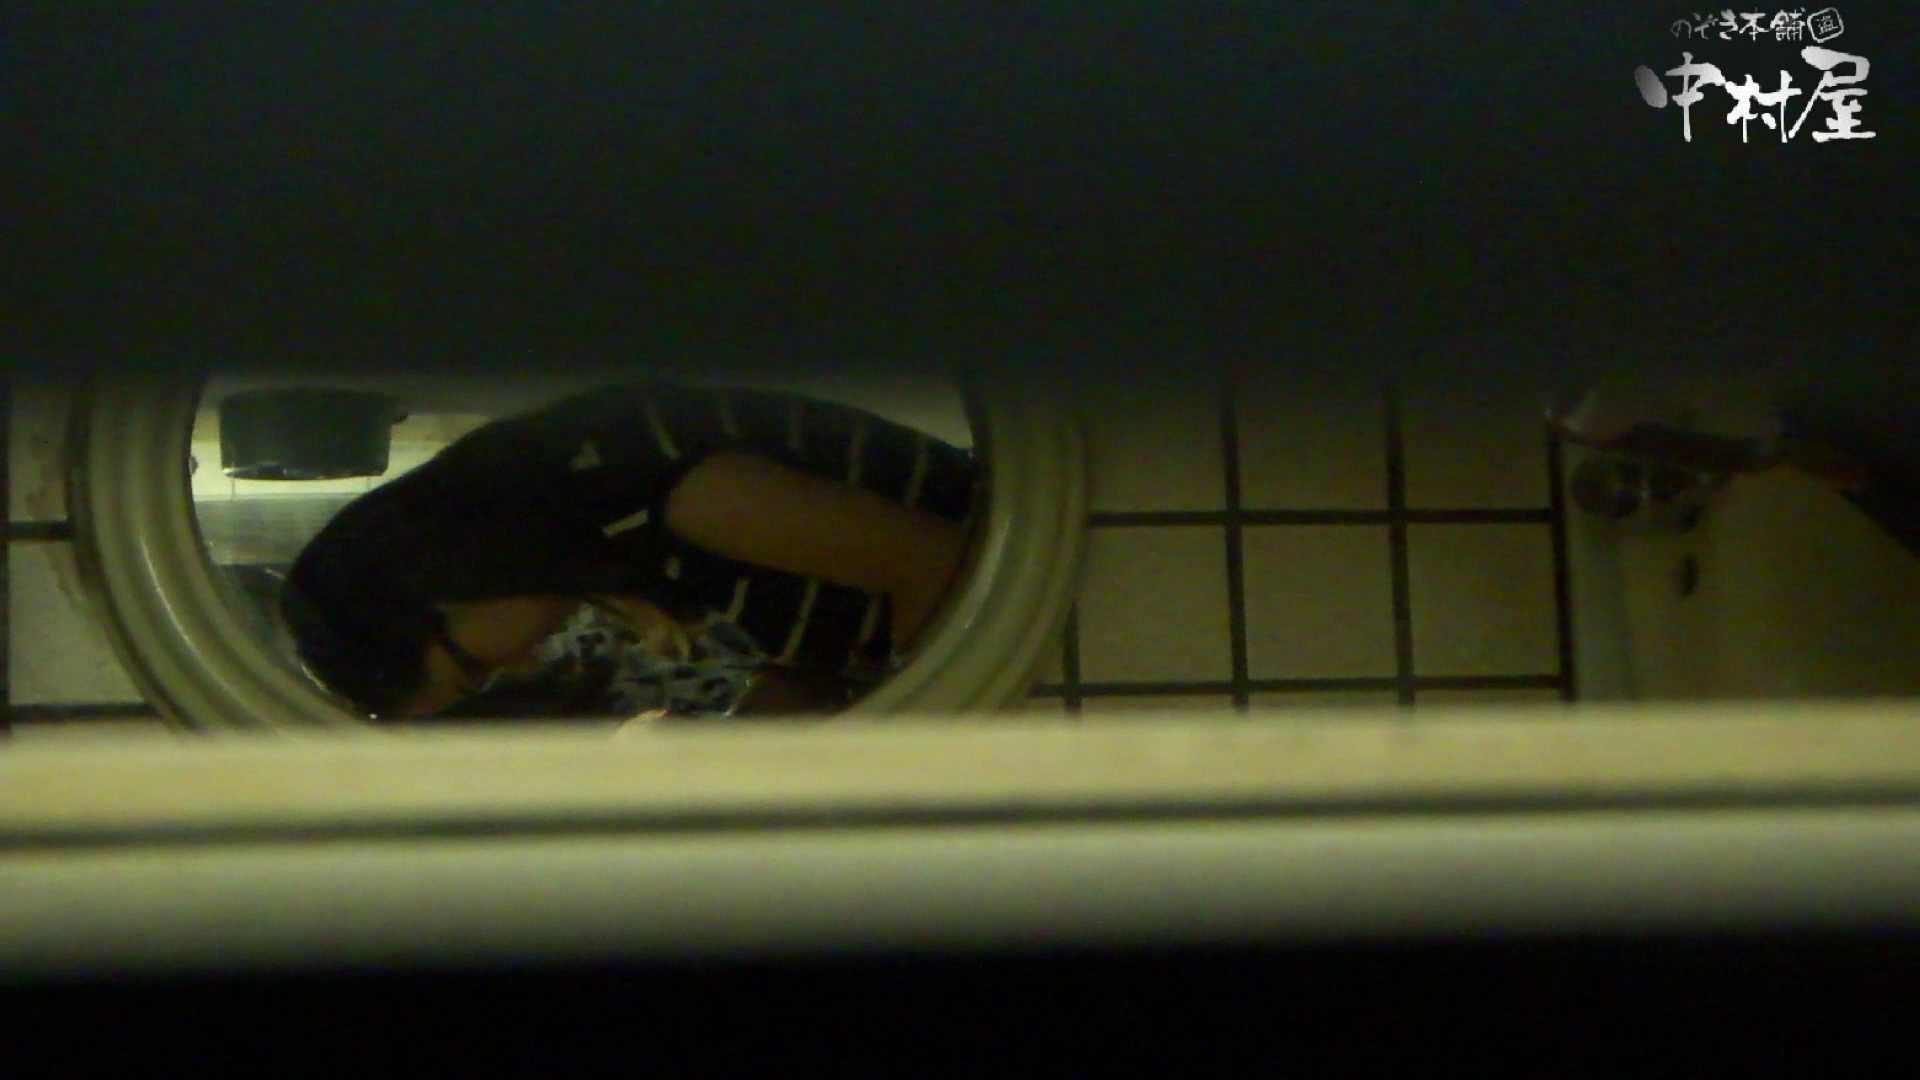 【美人が集まるファッションショッピングセンター洗面所盗SATU】ギャルのツルピカ潜入盗satu!Vol.10 現役ギャル ヌード画像 106pic 33